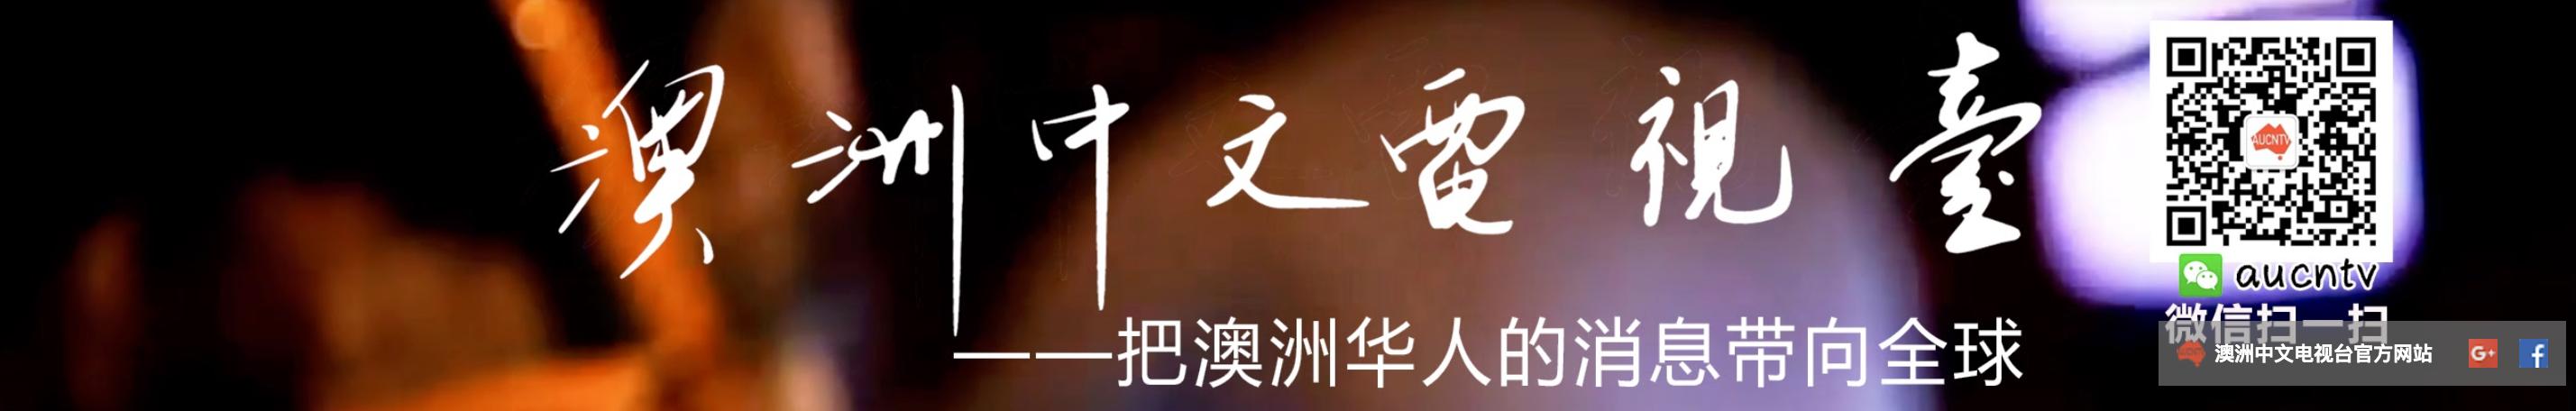 用户_853932 banner